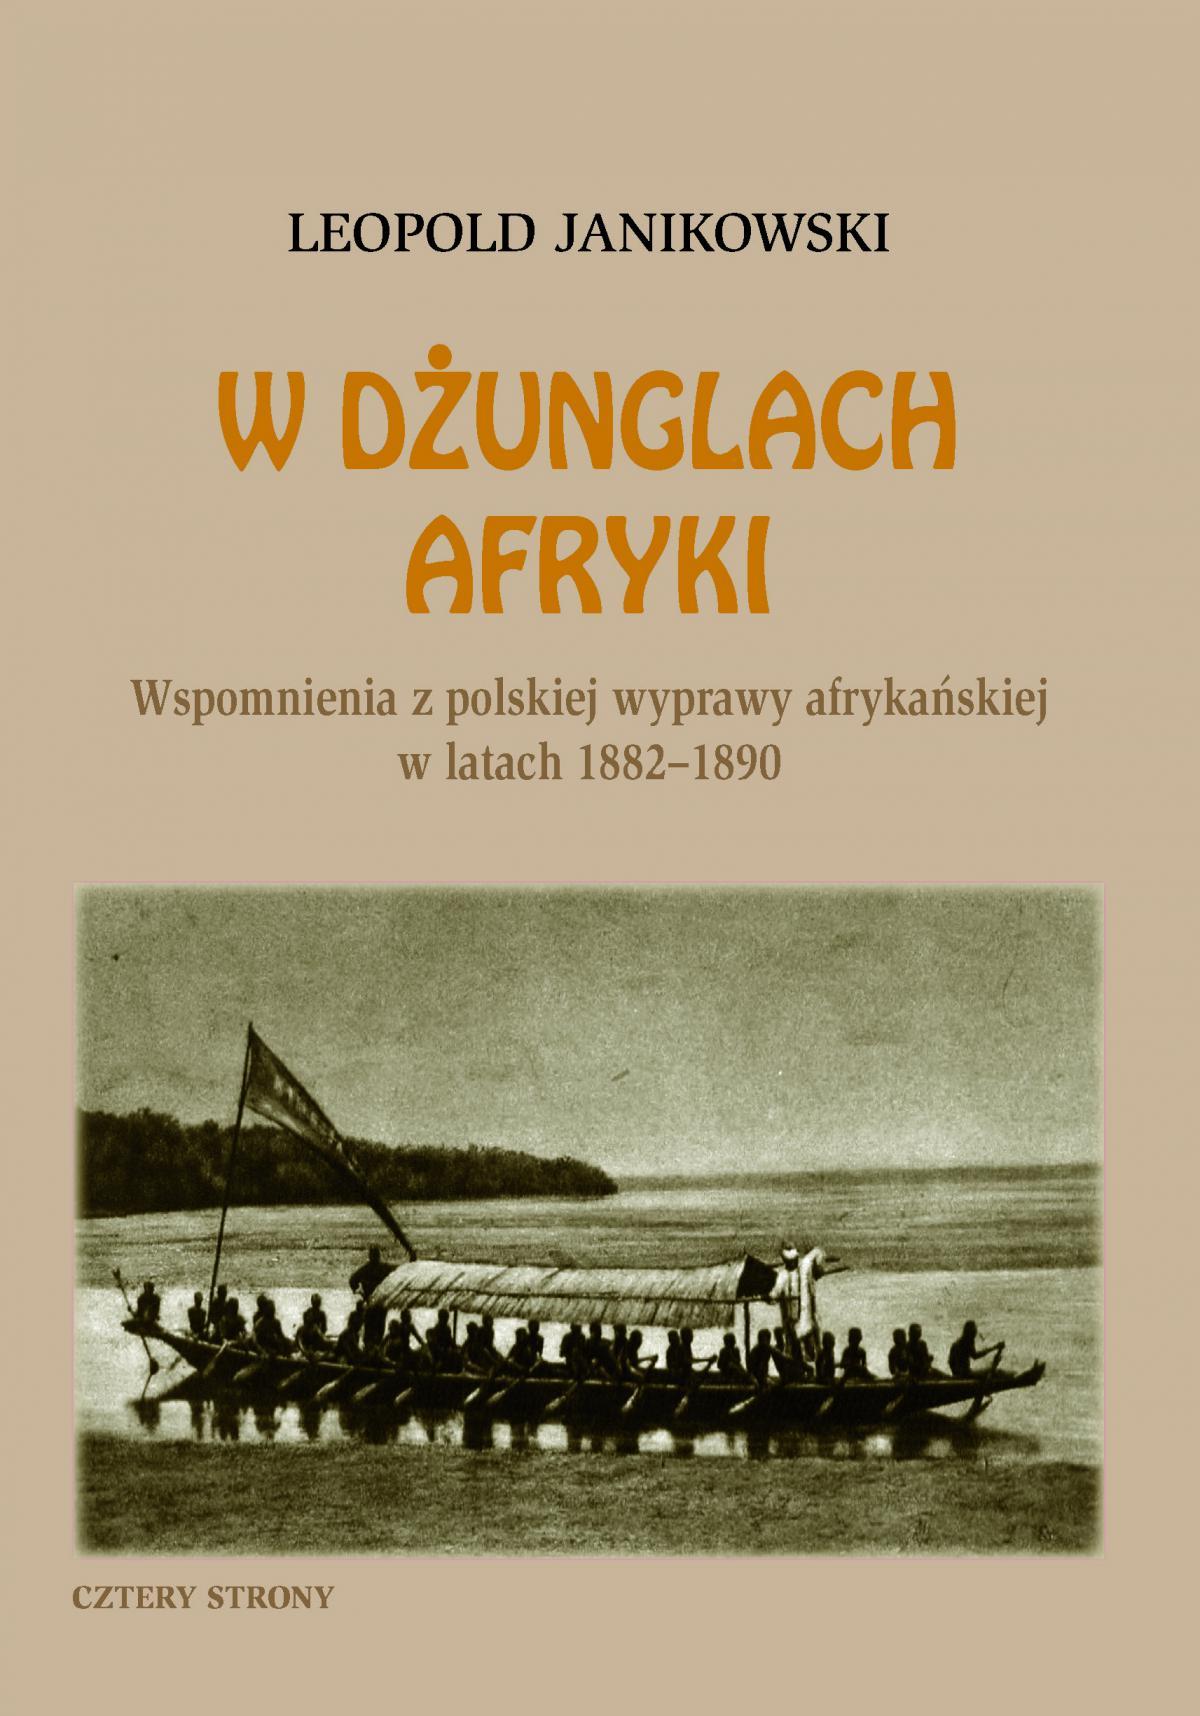 W dżunglach Afryki. Wspomnienia z polskiej wyprawy afrykańskiej w latach 1882-1890 - Ebook (Książka EPUB) do pobrania w formacie EPUB